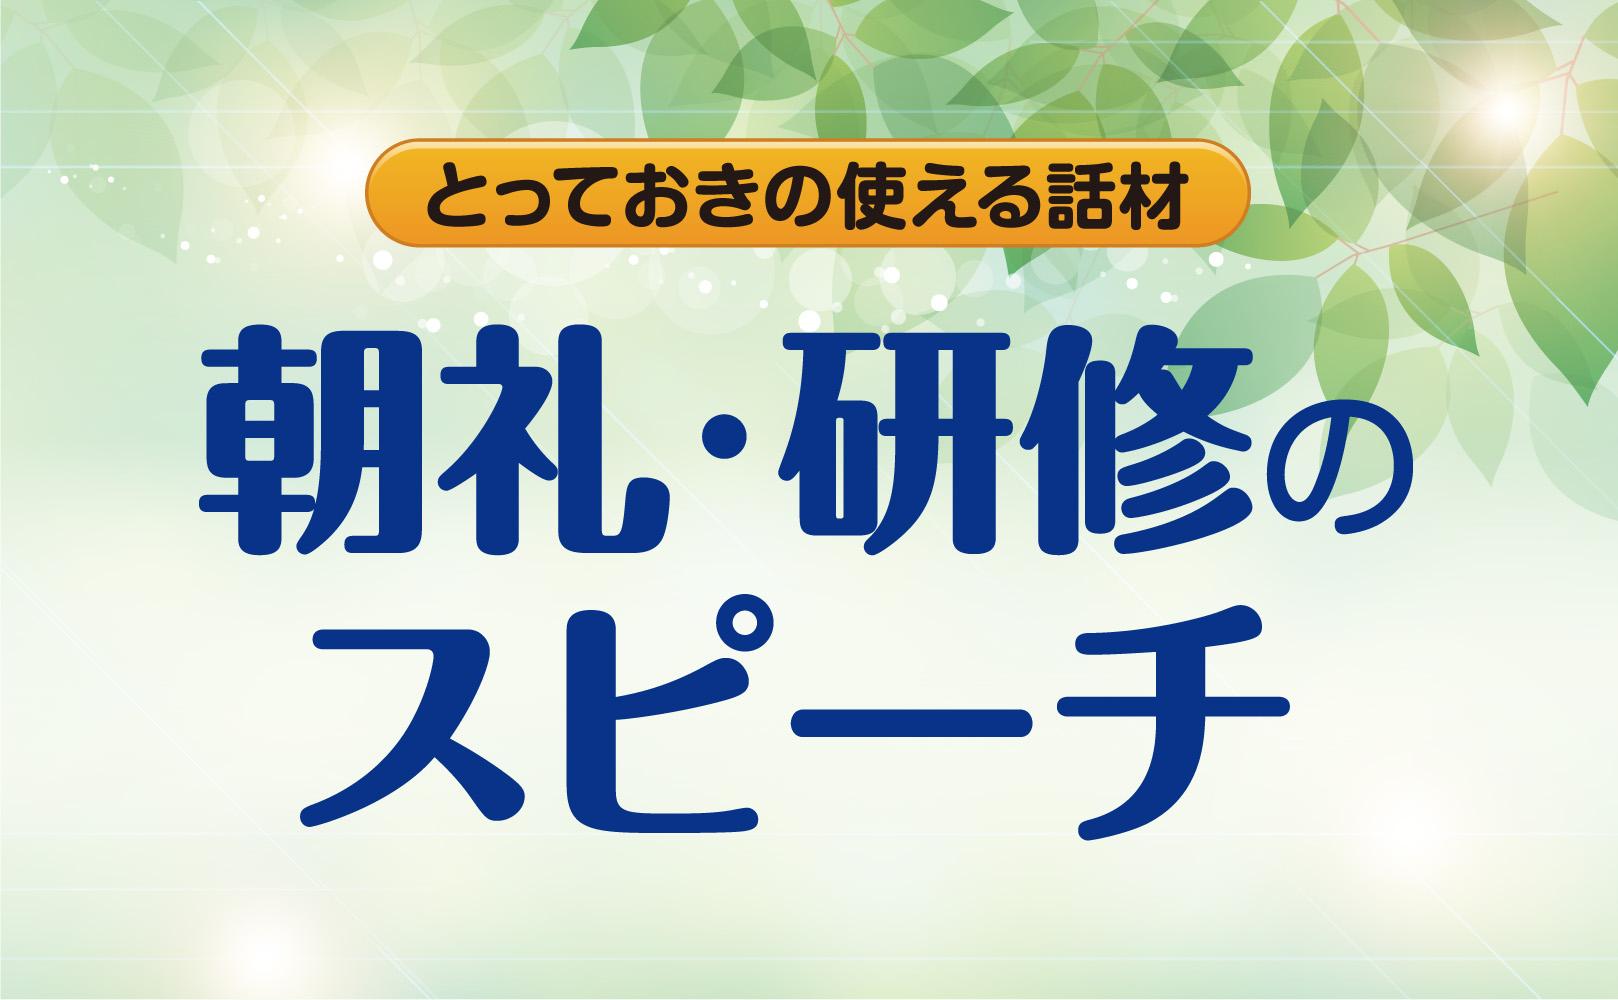 希望は生きる力【朝礼・研修のスピーチ】